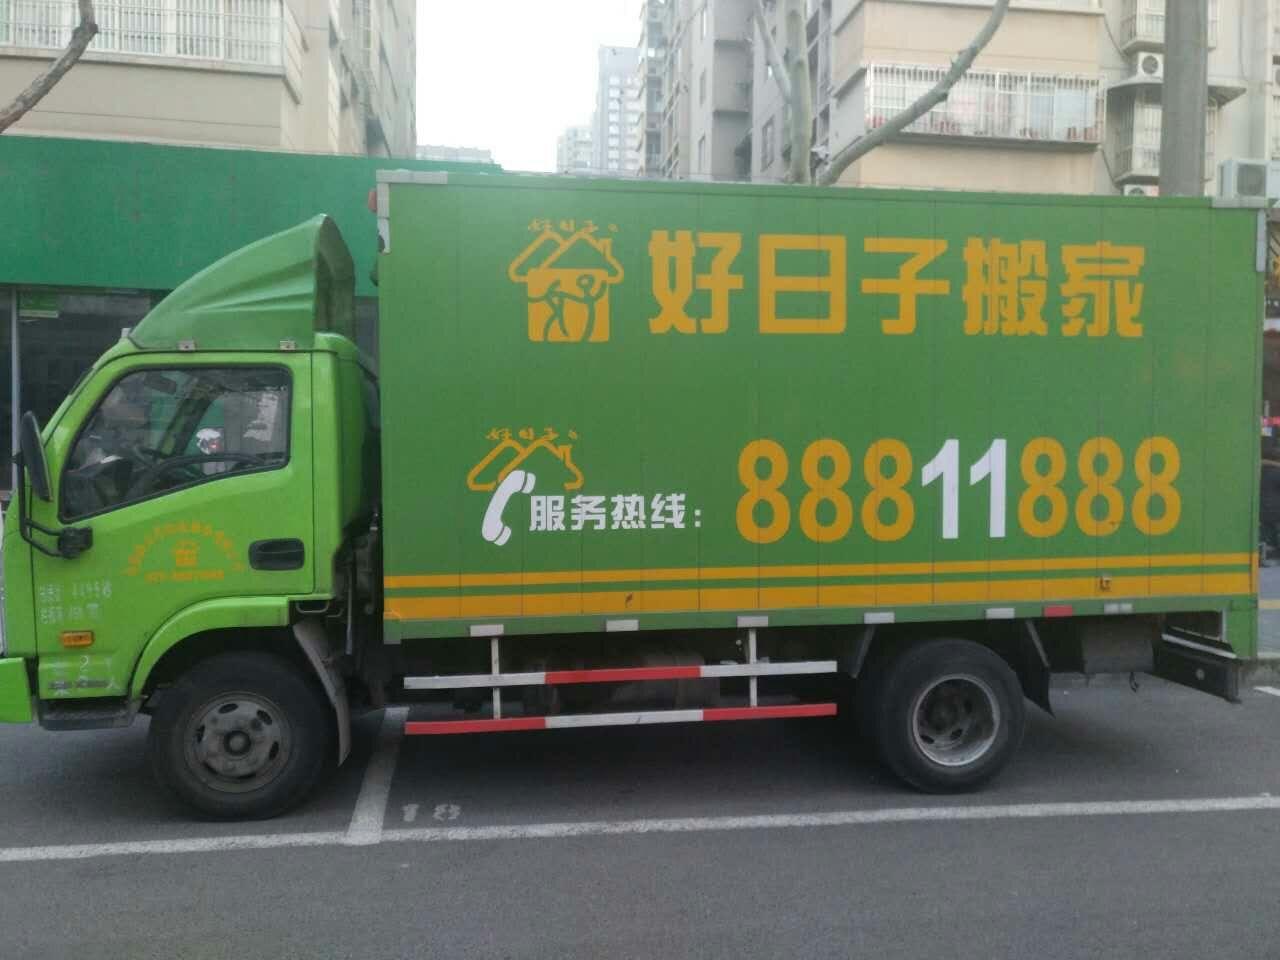 西安搬家公司就来跟大家共享着独家方法,保证让您搬迁前收拾行李一切顺利